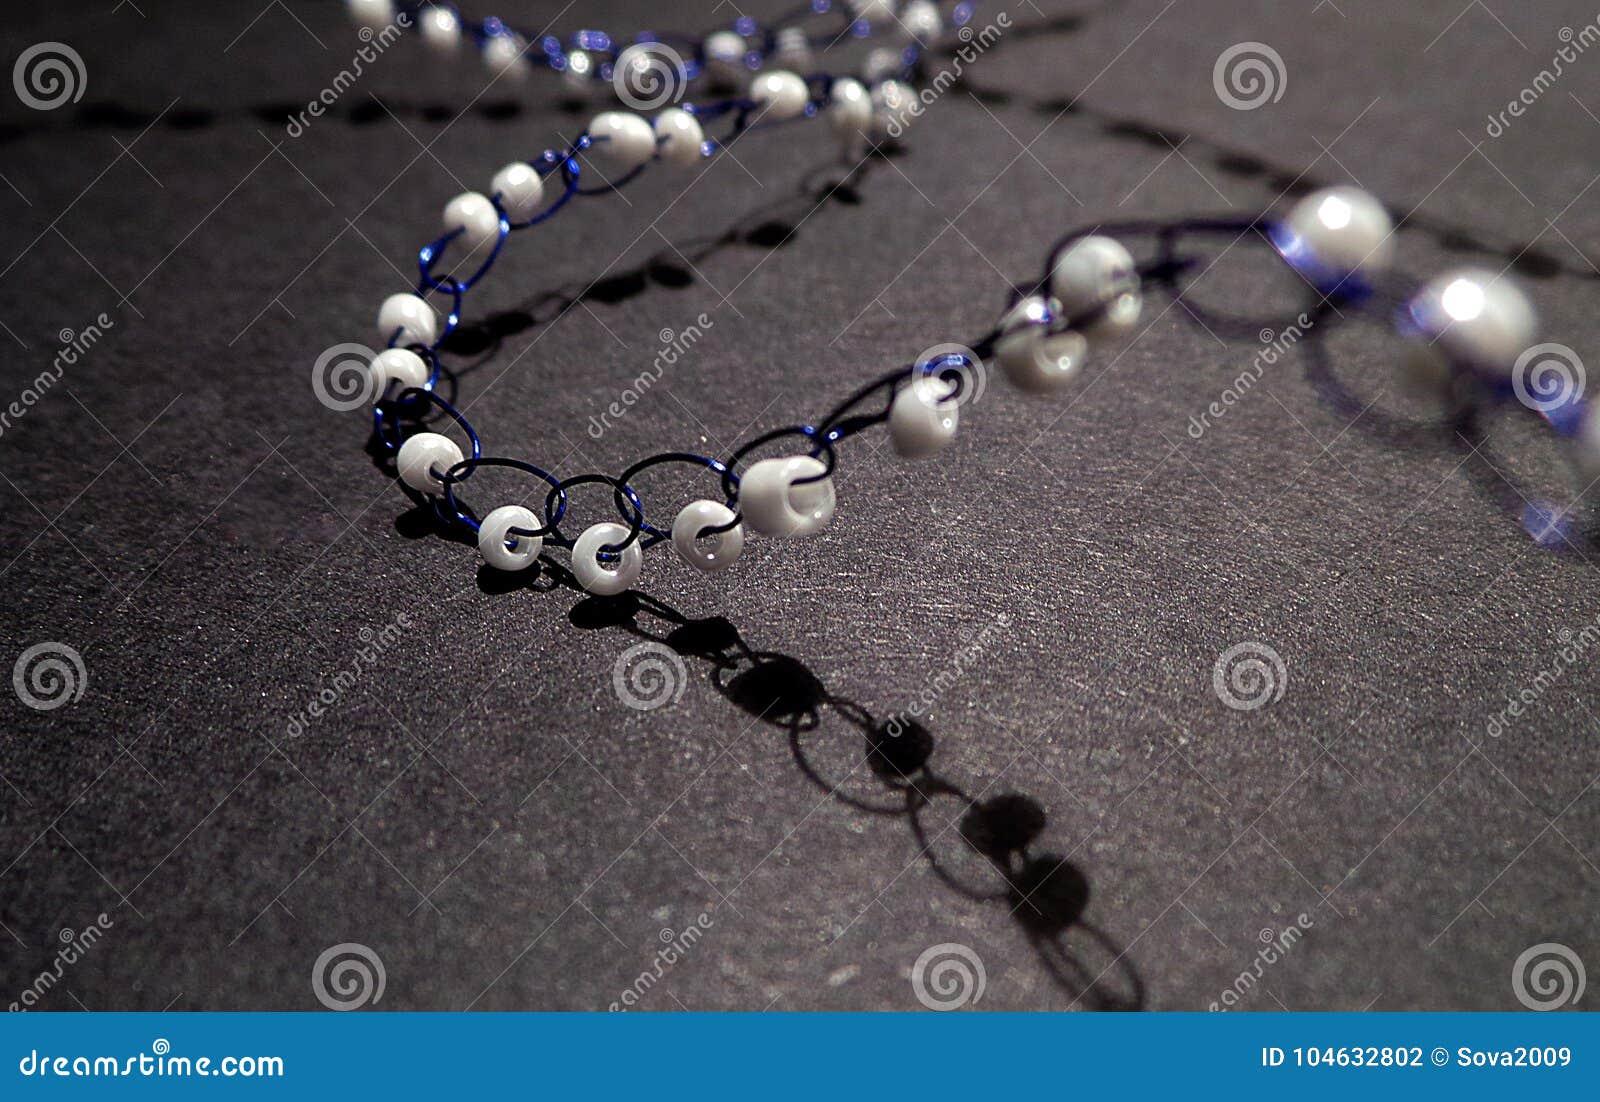 Download Gebreide kettingsjuwelen stock foto. Afbeelding bestaande uit hand - 104632802